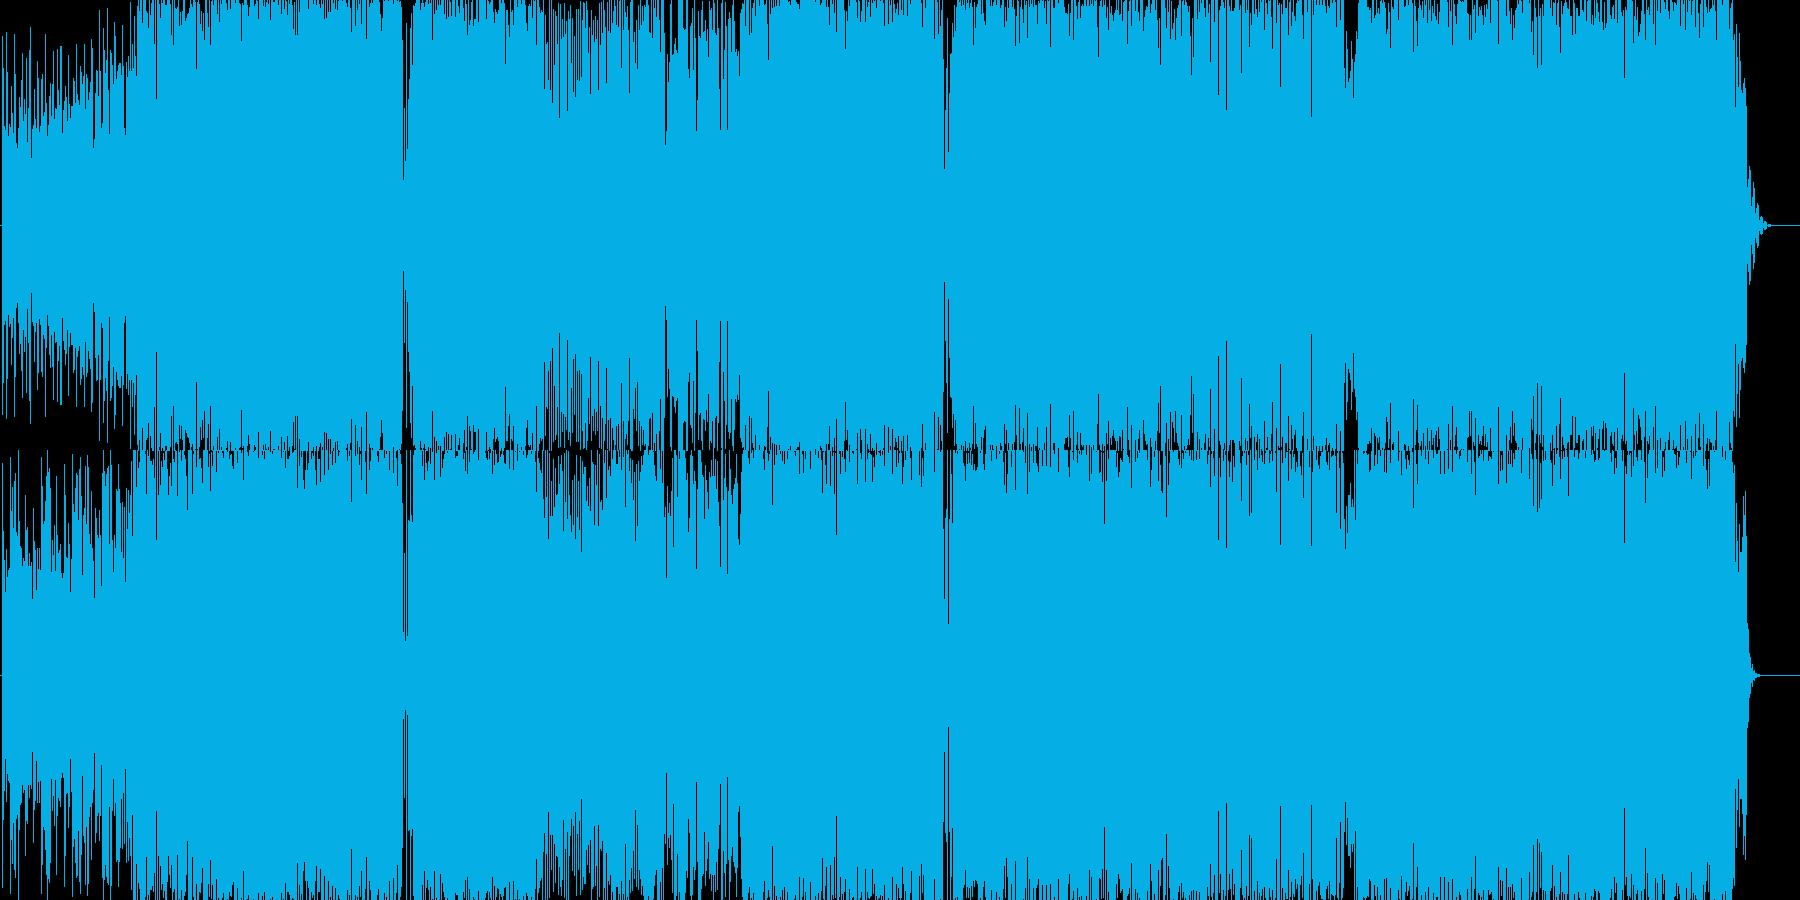 洋楽っぽいダンス楽曲の再生済みの波形